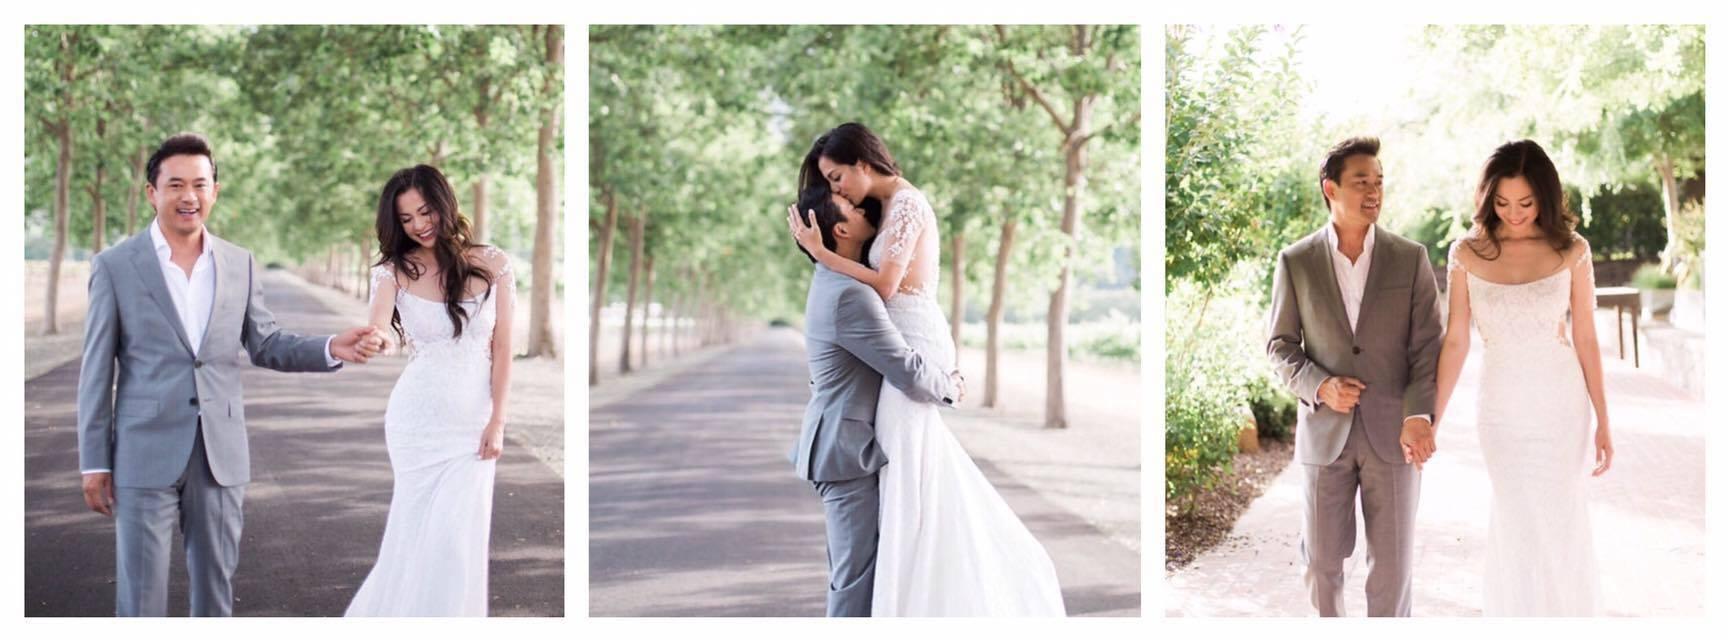 Cặp đôi này đã sống chung với nhau 6 năm và đã có một con trai riêng trước khi tiến hành lễ cưới.